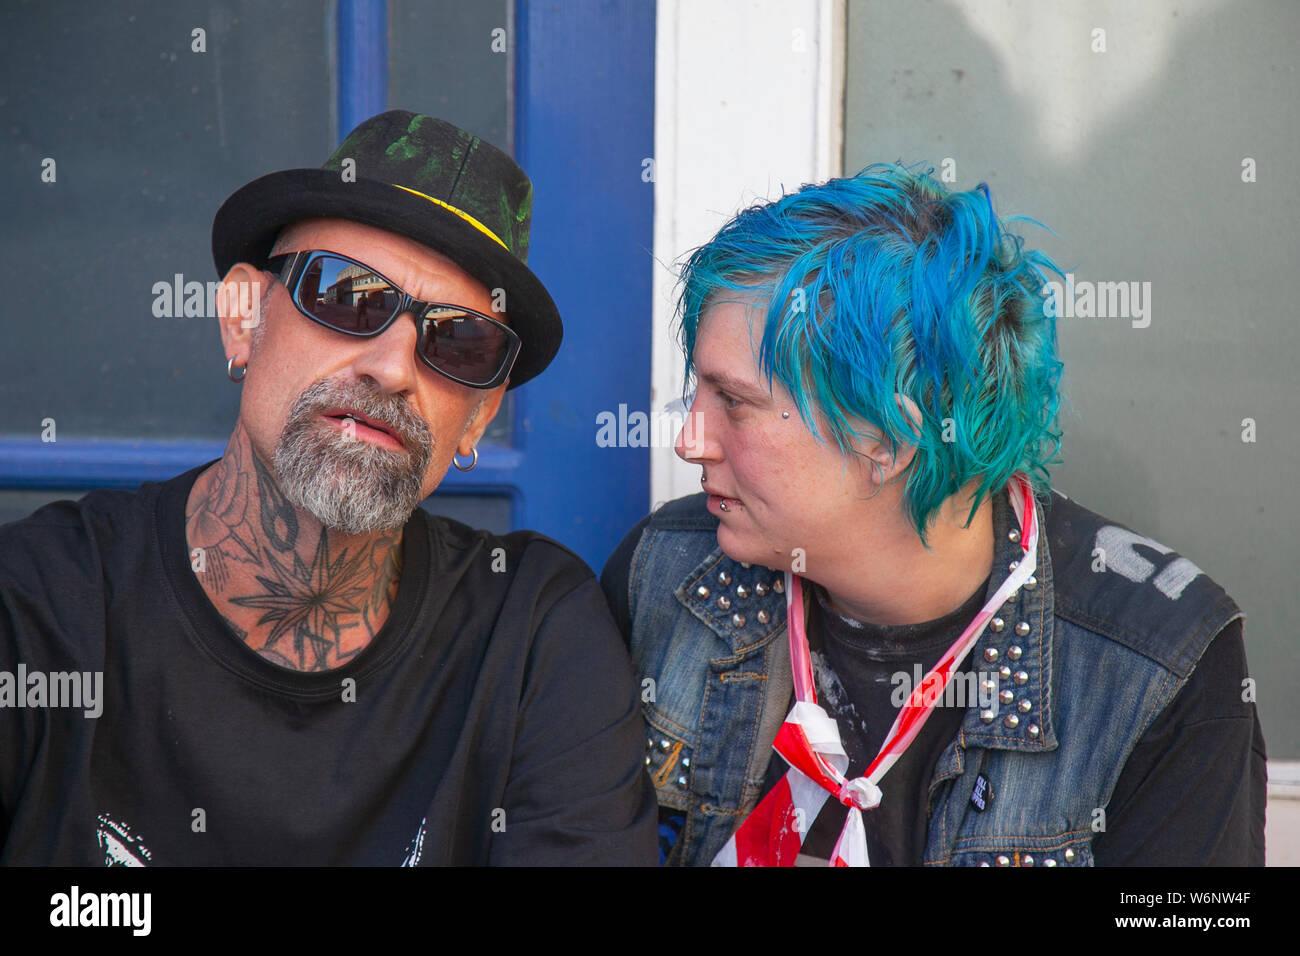 siti alternativi di incontri punk